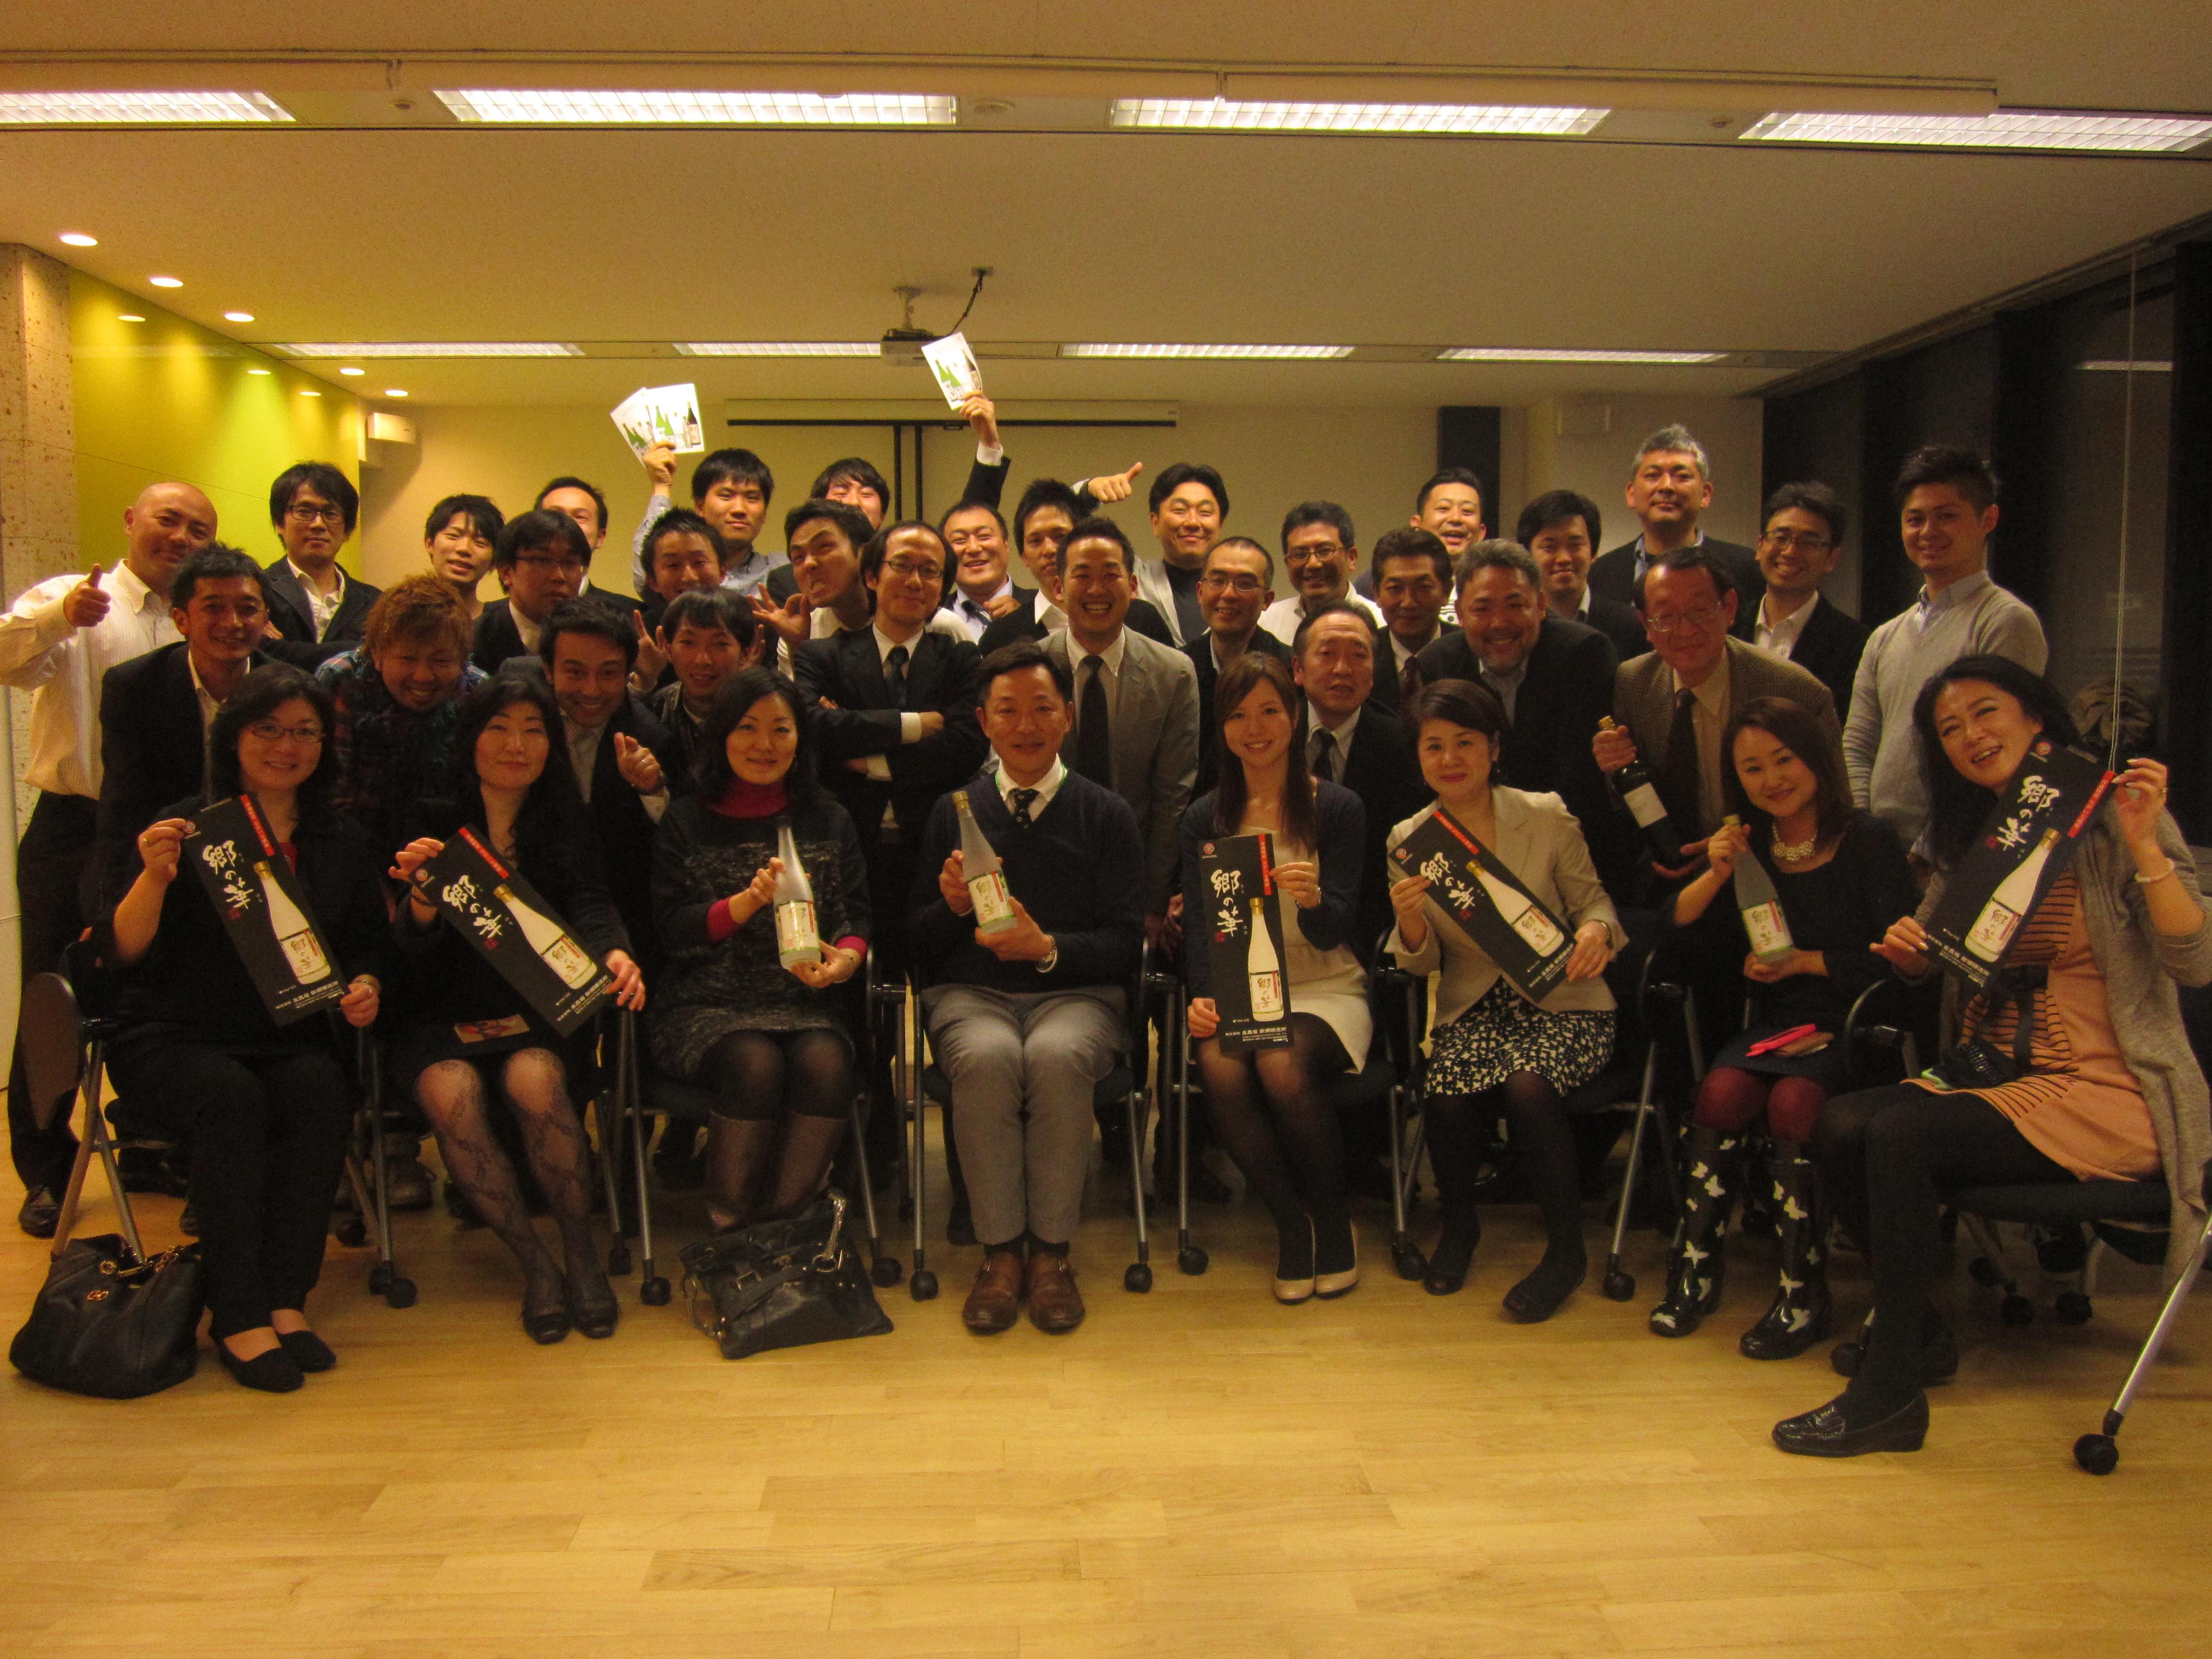 3月20日青森県人集まってー!津軽も南部も関係ないさ!AOsuki運営のイベント開催致しました。